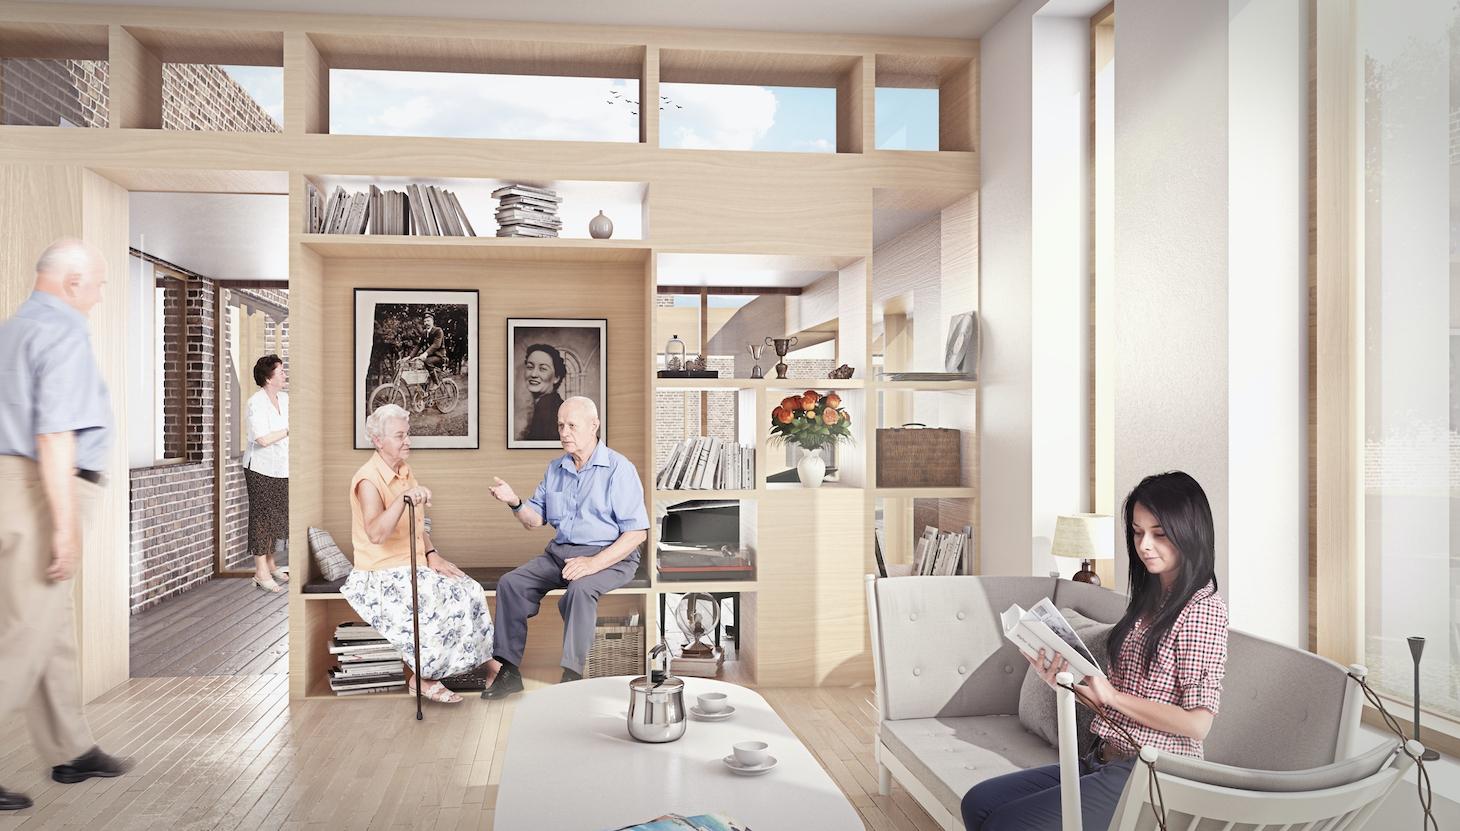 FRIIS & MOLTKE prækvalificeret til 48 boliger på Annebergvej i Aalborg